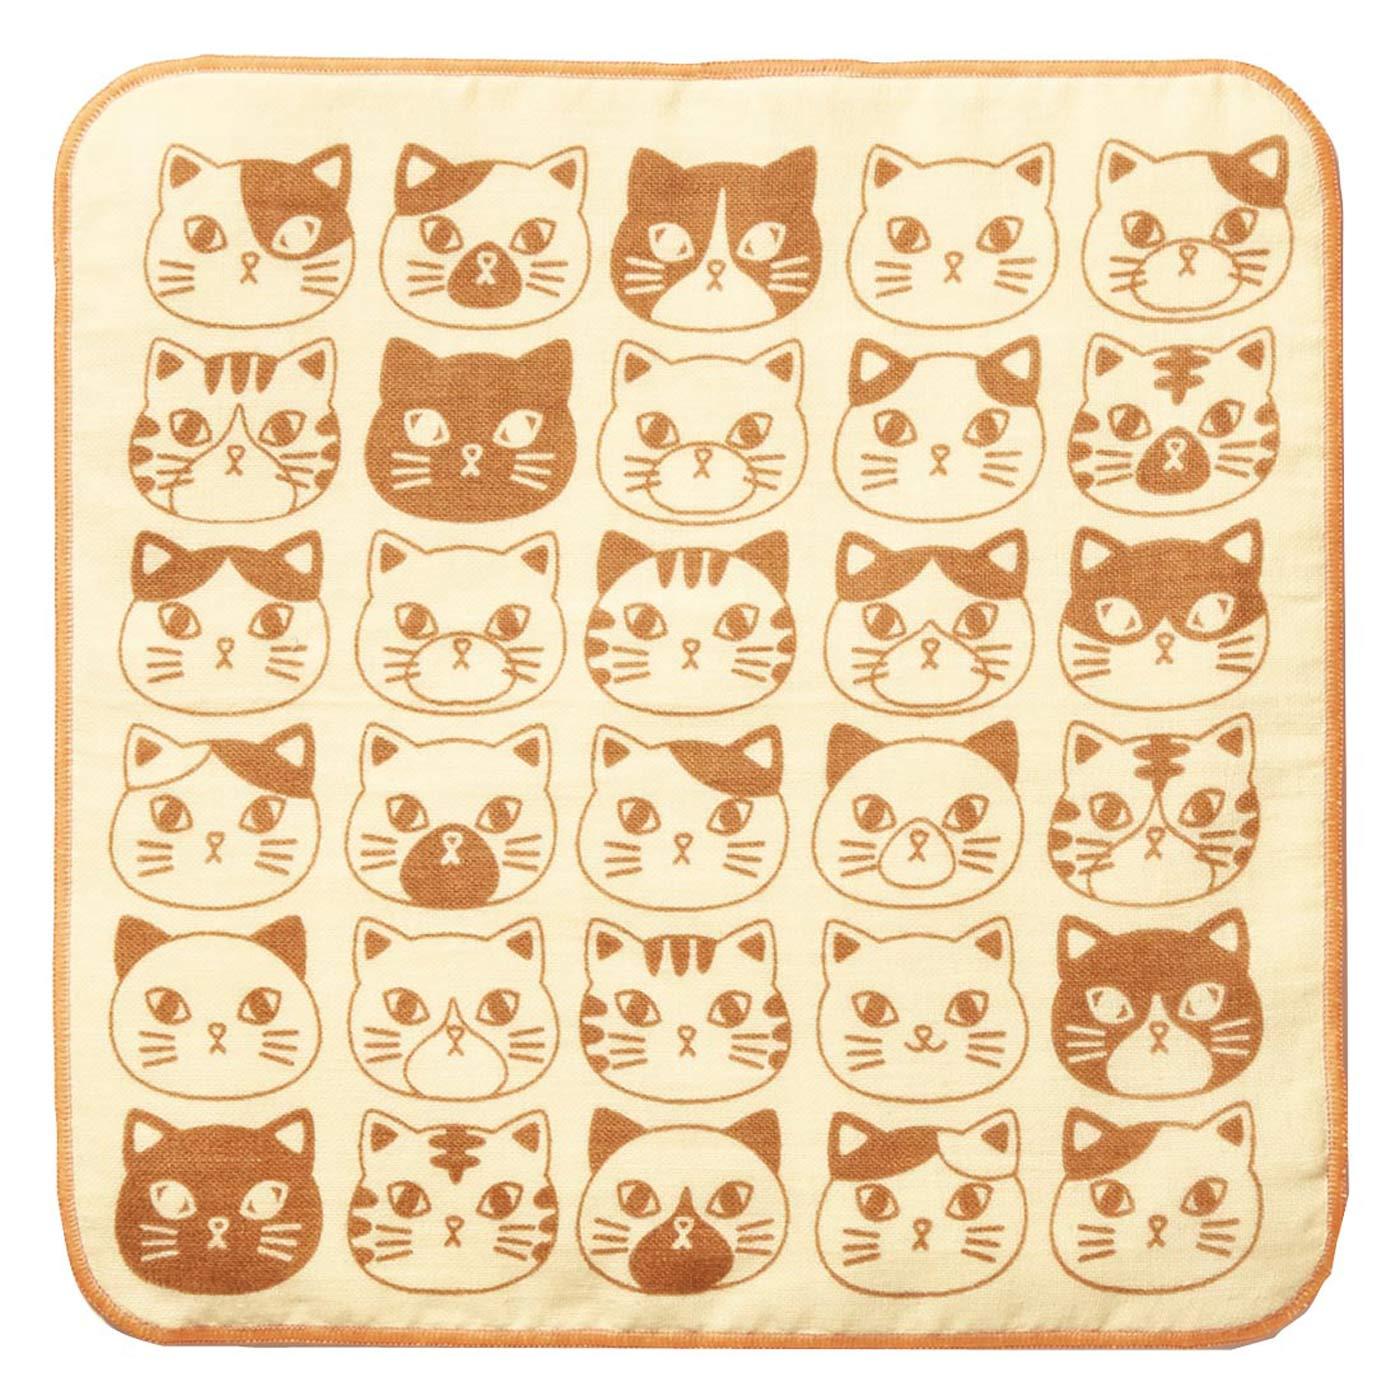 〈オレンジ〉 隠れ上手な猫。この中に1匹だけデレにゃんがいるにゃ! 見つけられるかにゃ?